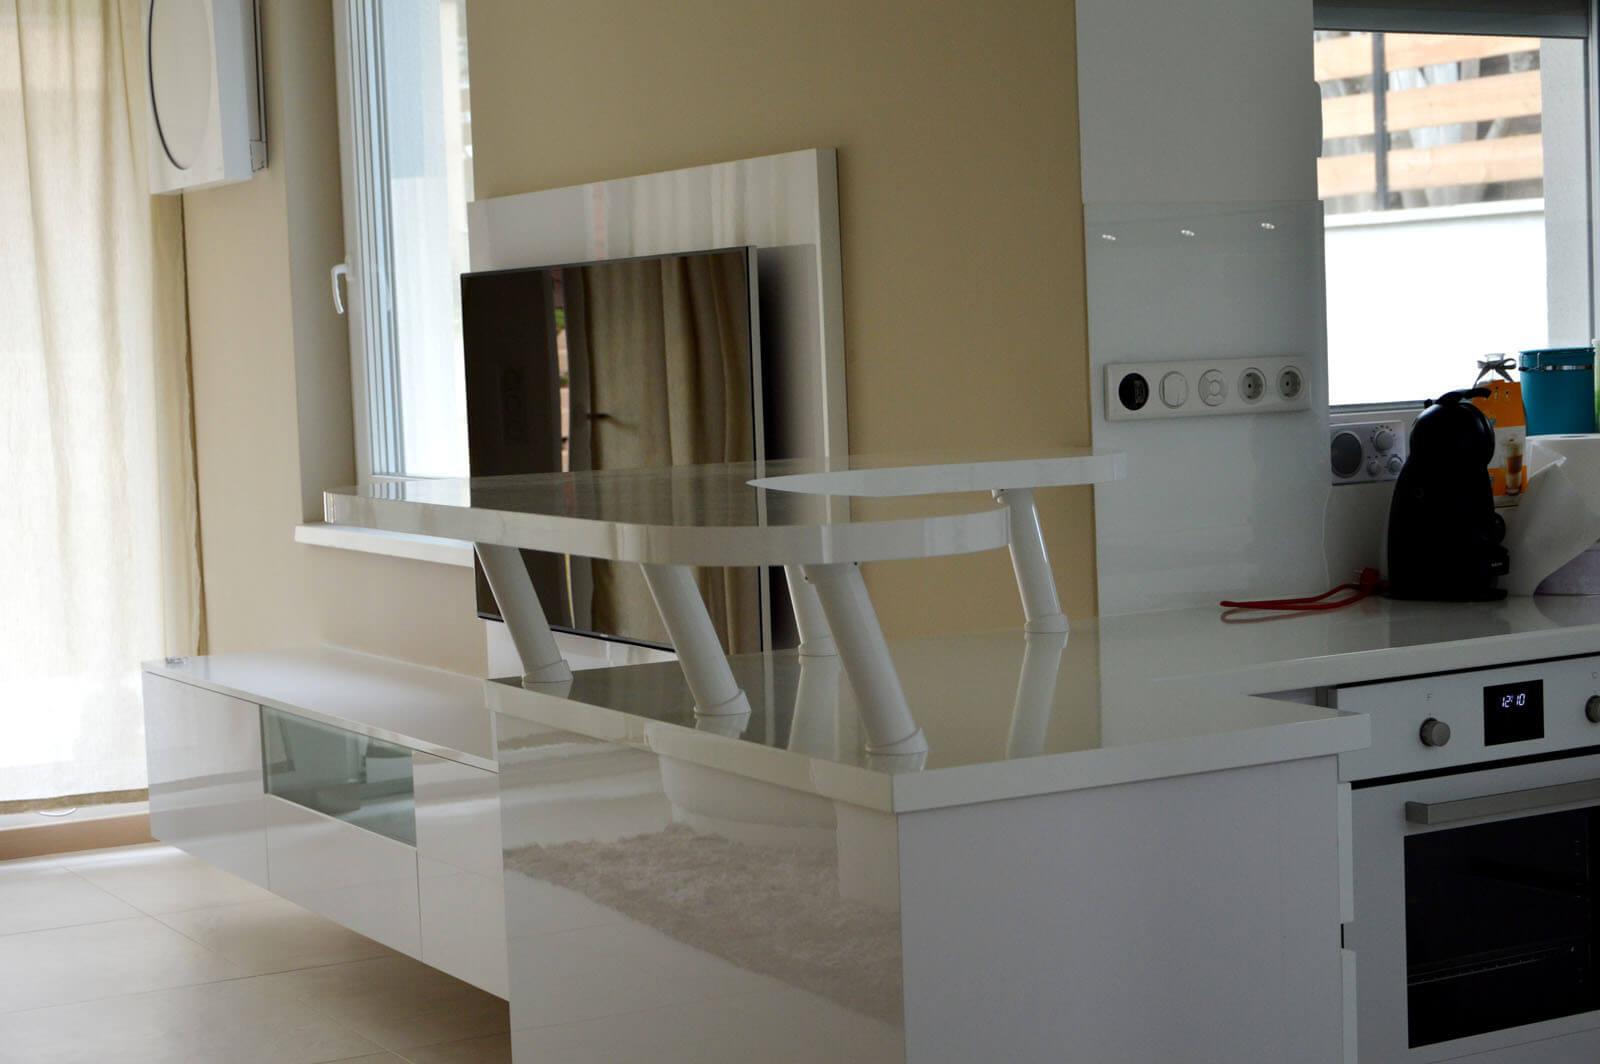 Egyedi nappali médiaszekrény készítés lebegő kivitelben, fiókokkal, magasfényű akril fehér bútorlapból